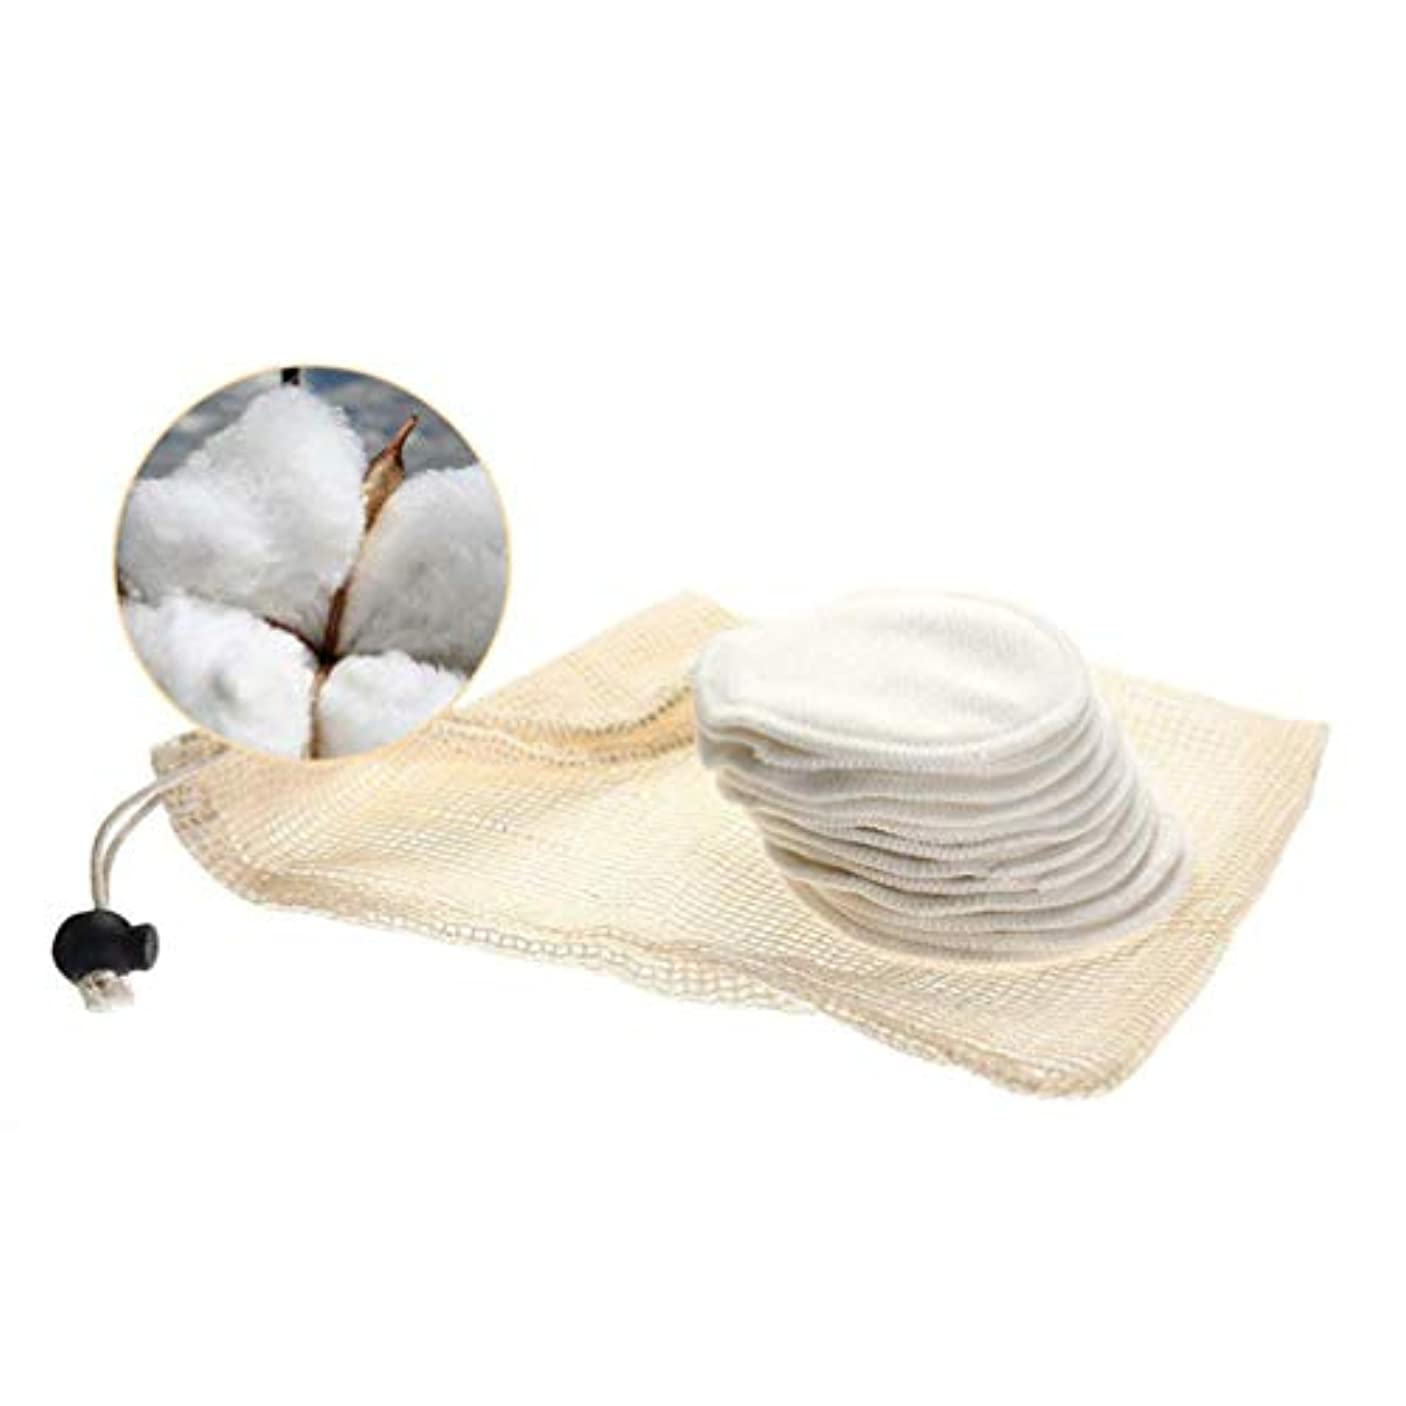 足枷透過性マントHEALLILY 再利用可能な化粧リムーバーパッド洗える顔クレンジングパッド竹炭コットンラウンドアイフェイスメイクアップ12pcsを削除するための収納袋